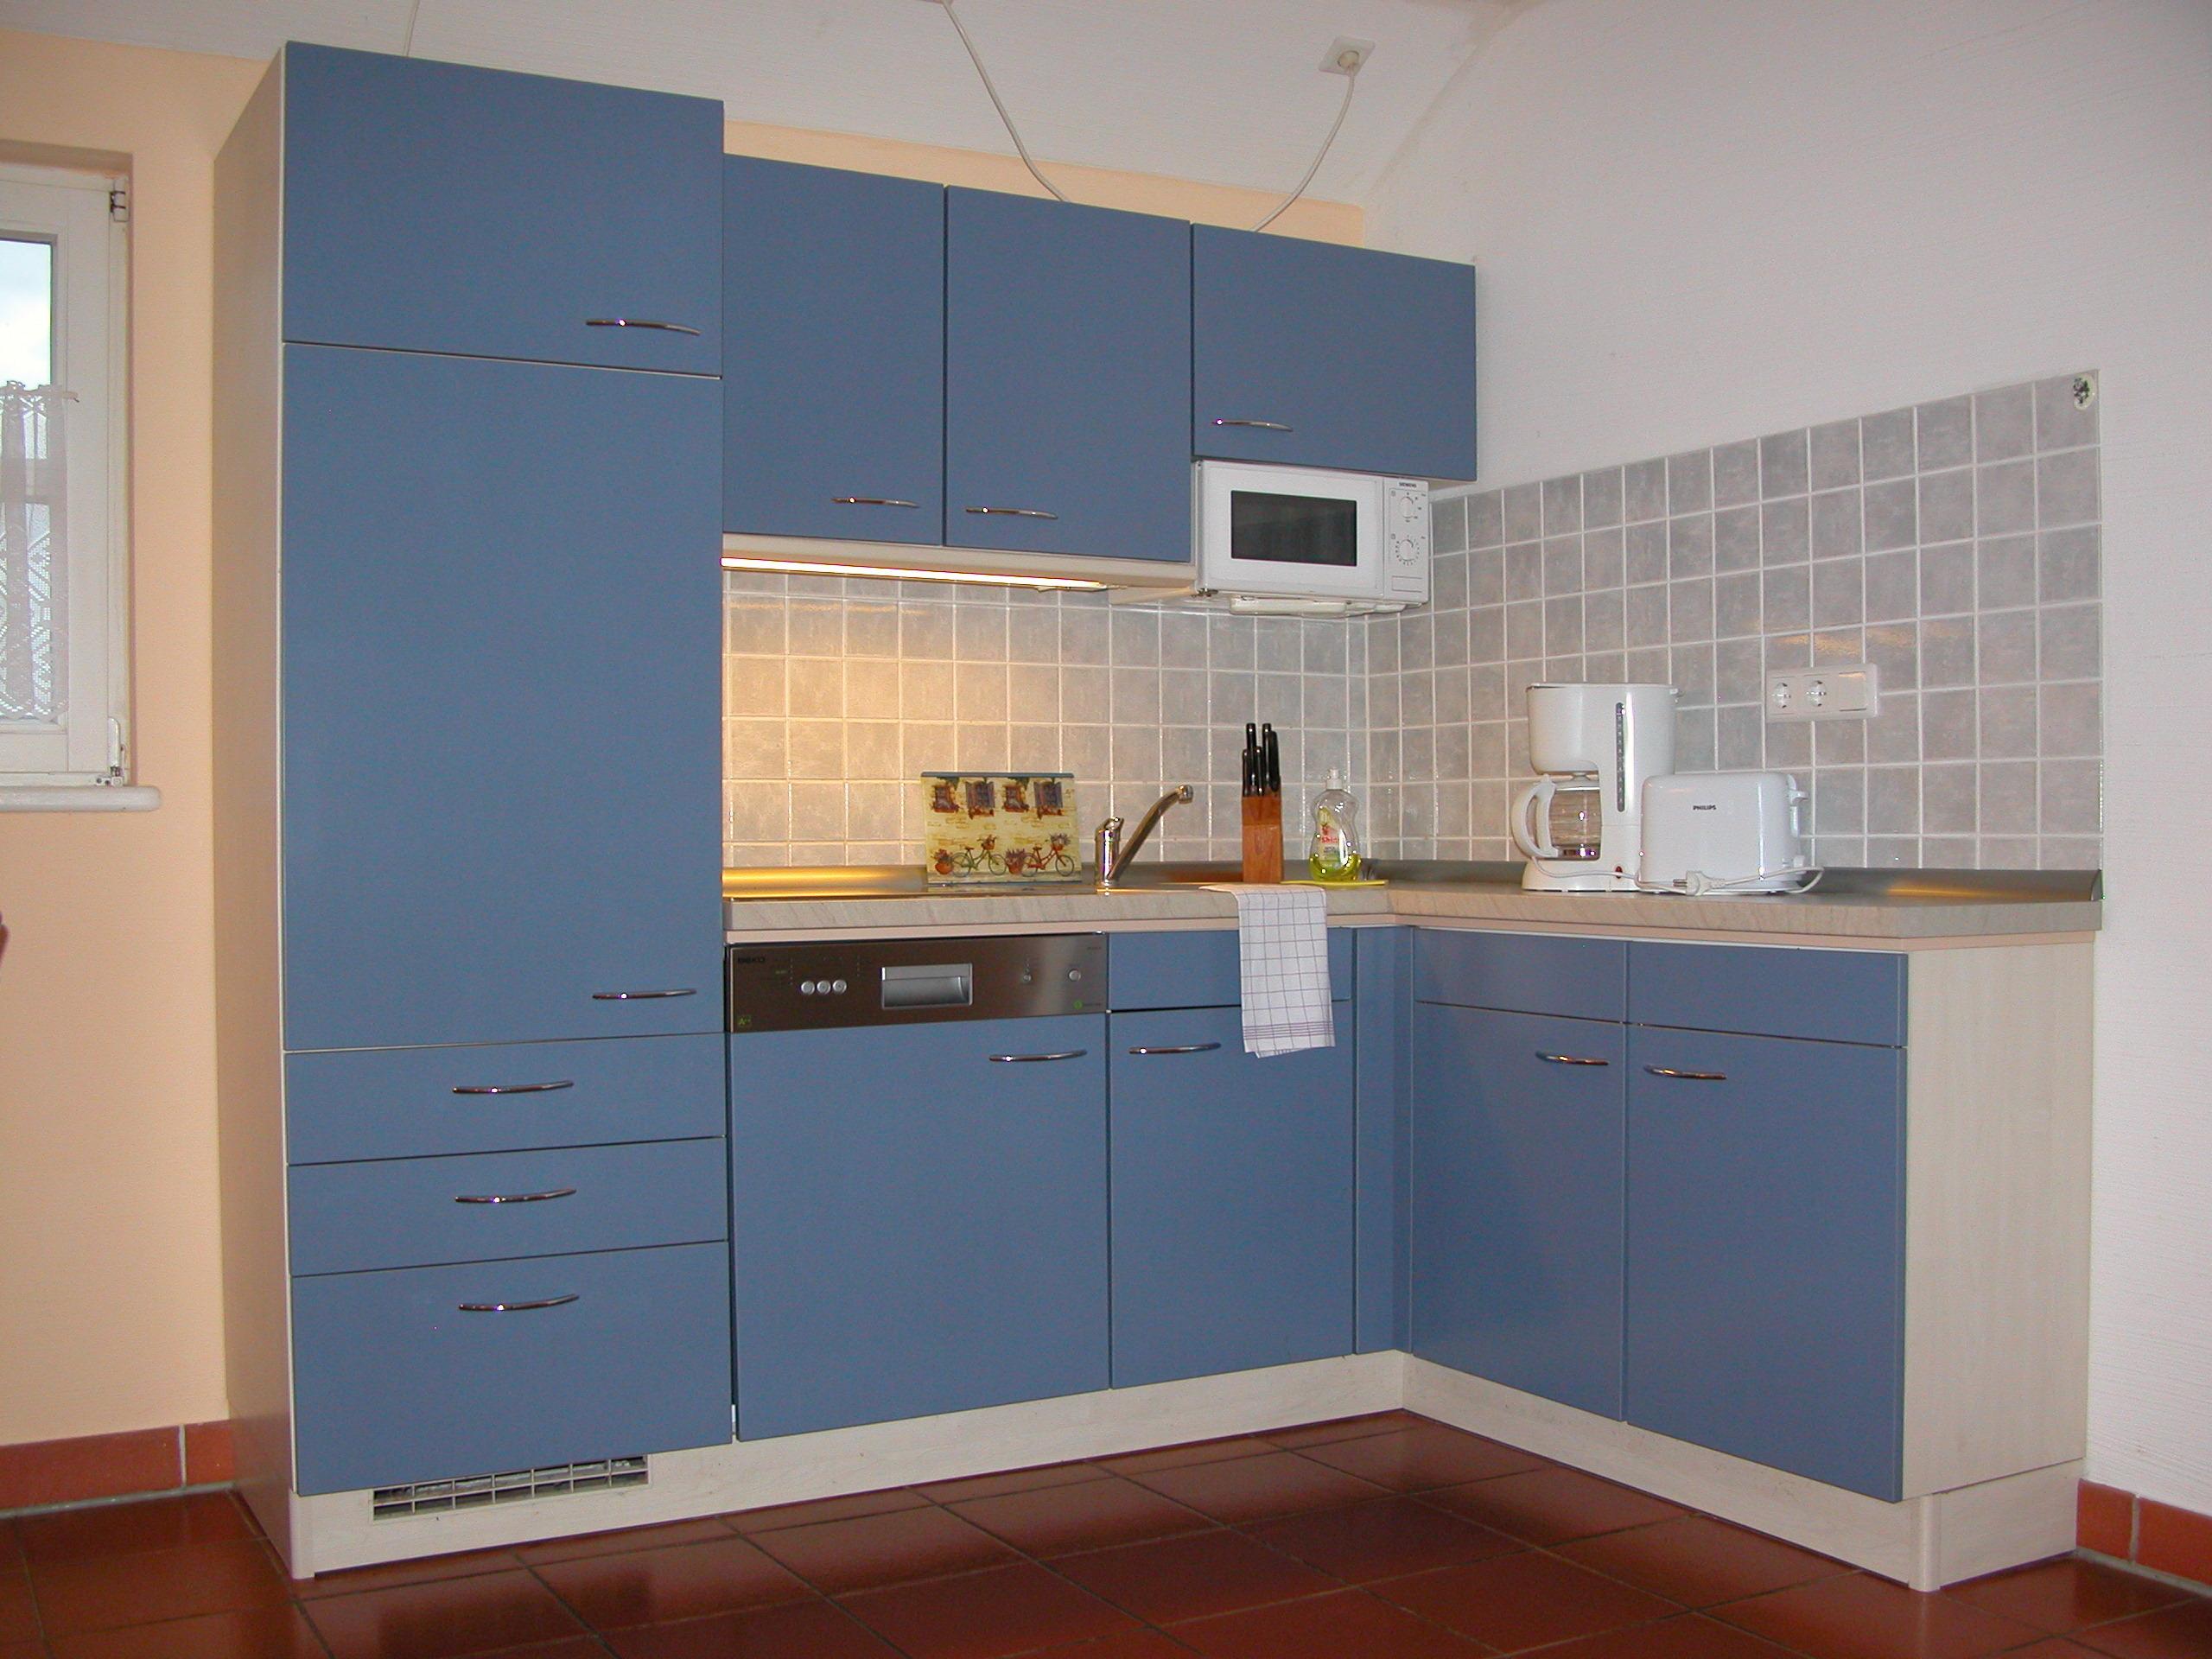 Outdoor Küche Ikea Q10 : Unterbauradio küche mit cd kochbuch mediterrane küche gu